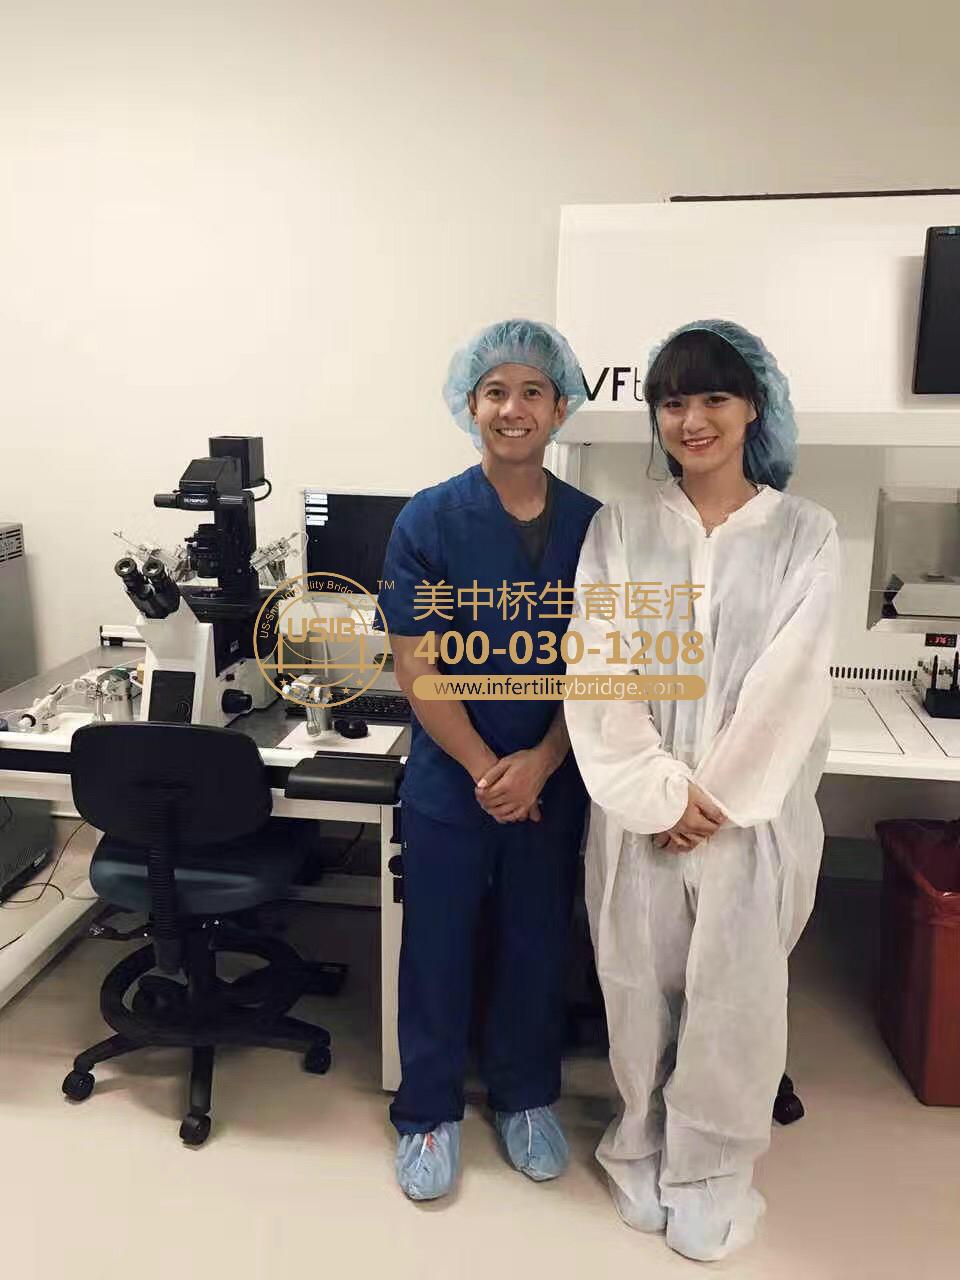 【赴泰国试管婴儿】_CFP胚胎实验室隆重升级!体验感UP!